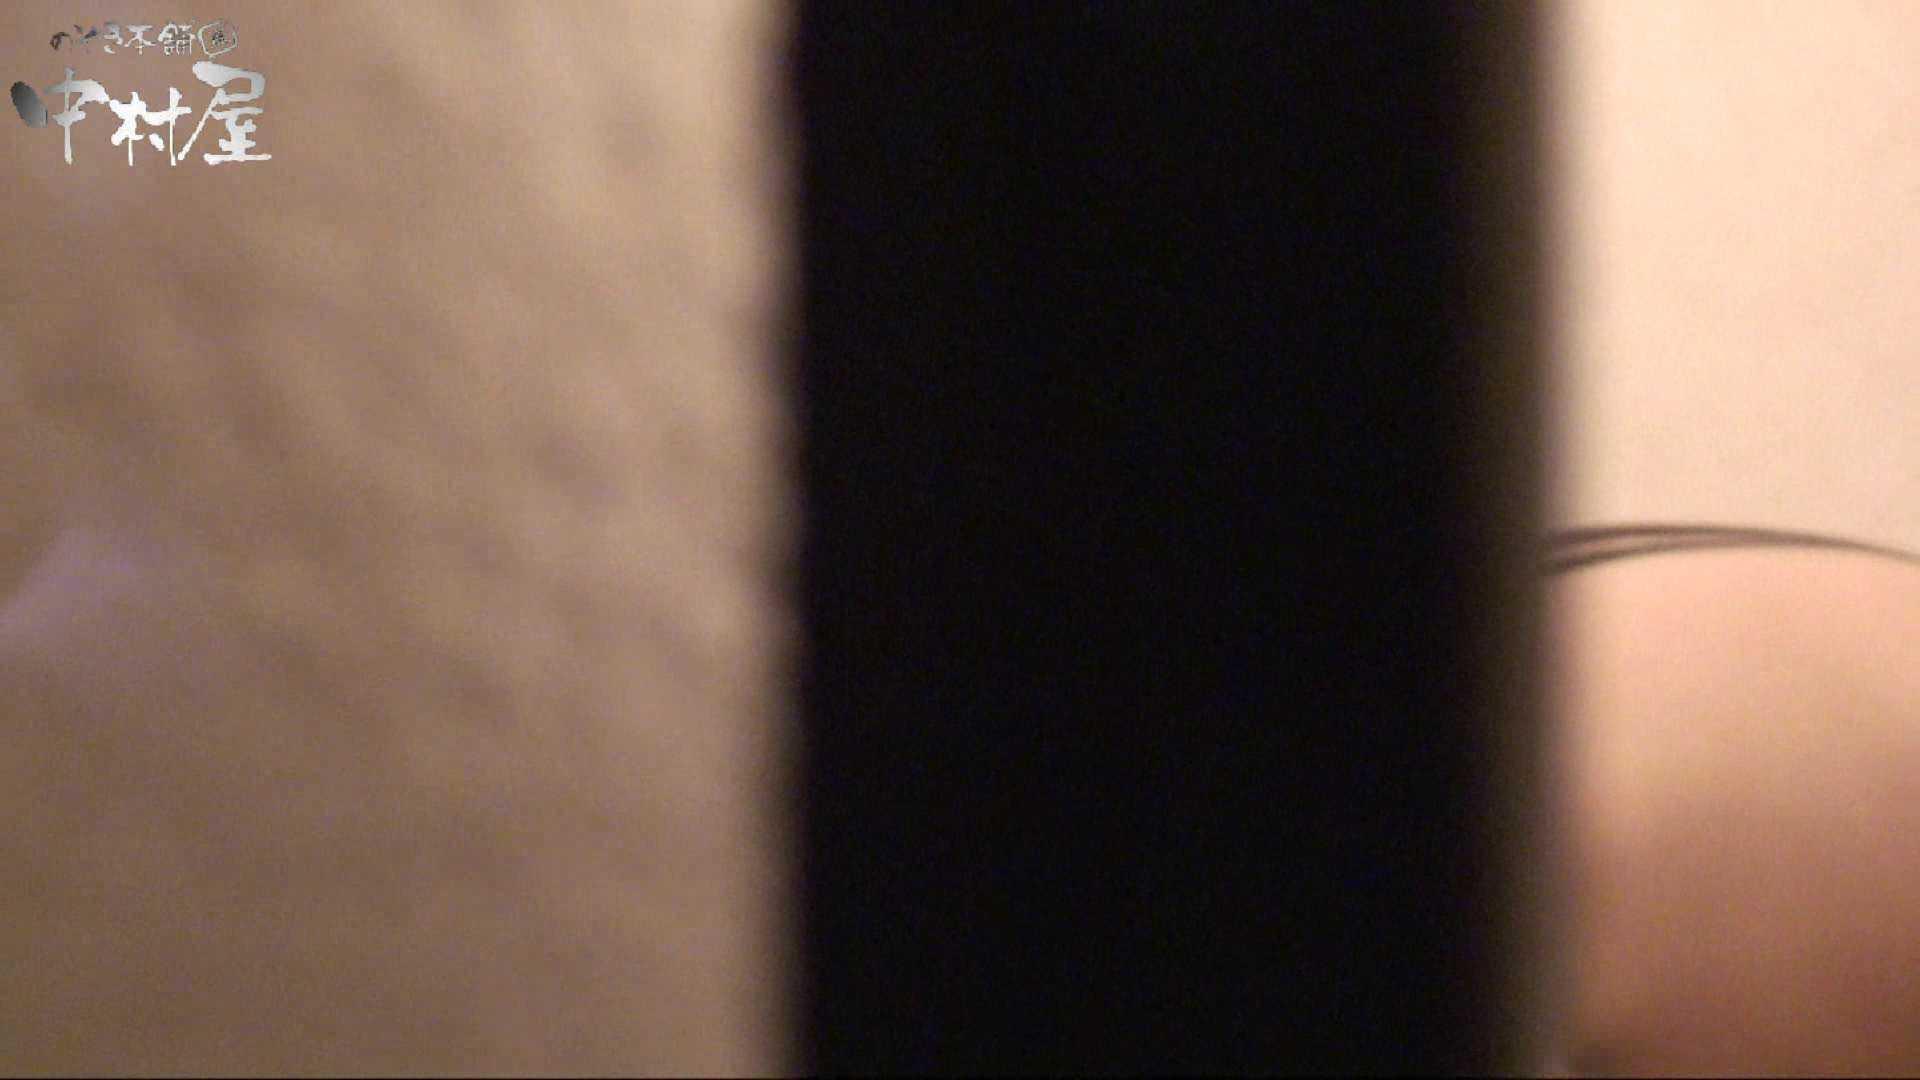 民家盗撮 隙間の向こう側 vol.01 OLのプライベート セックス画像 13pic 10